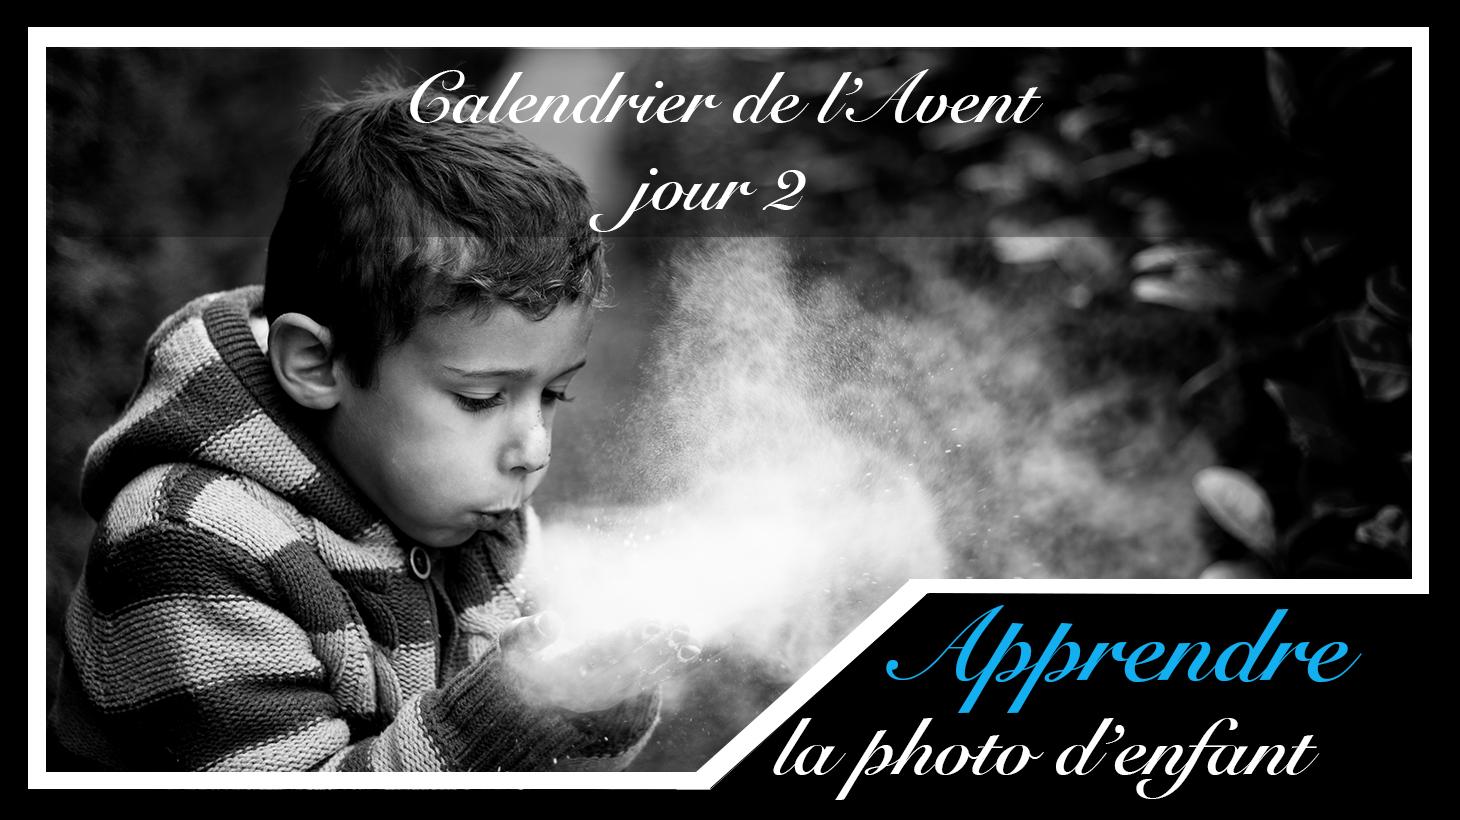 Jour 2 – Calendrier de l'Avent spécial Photo d'enfant